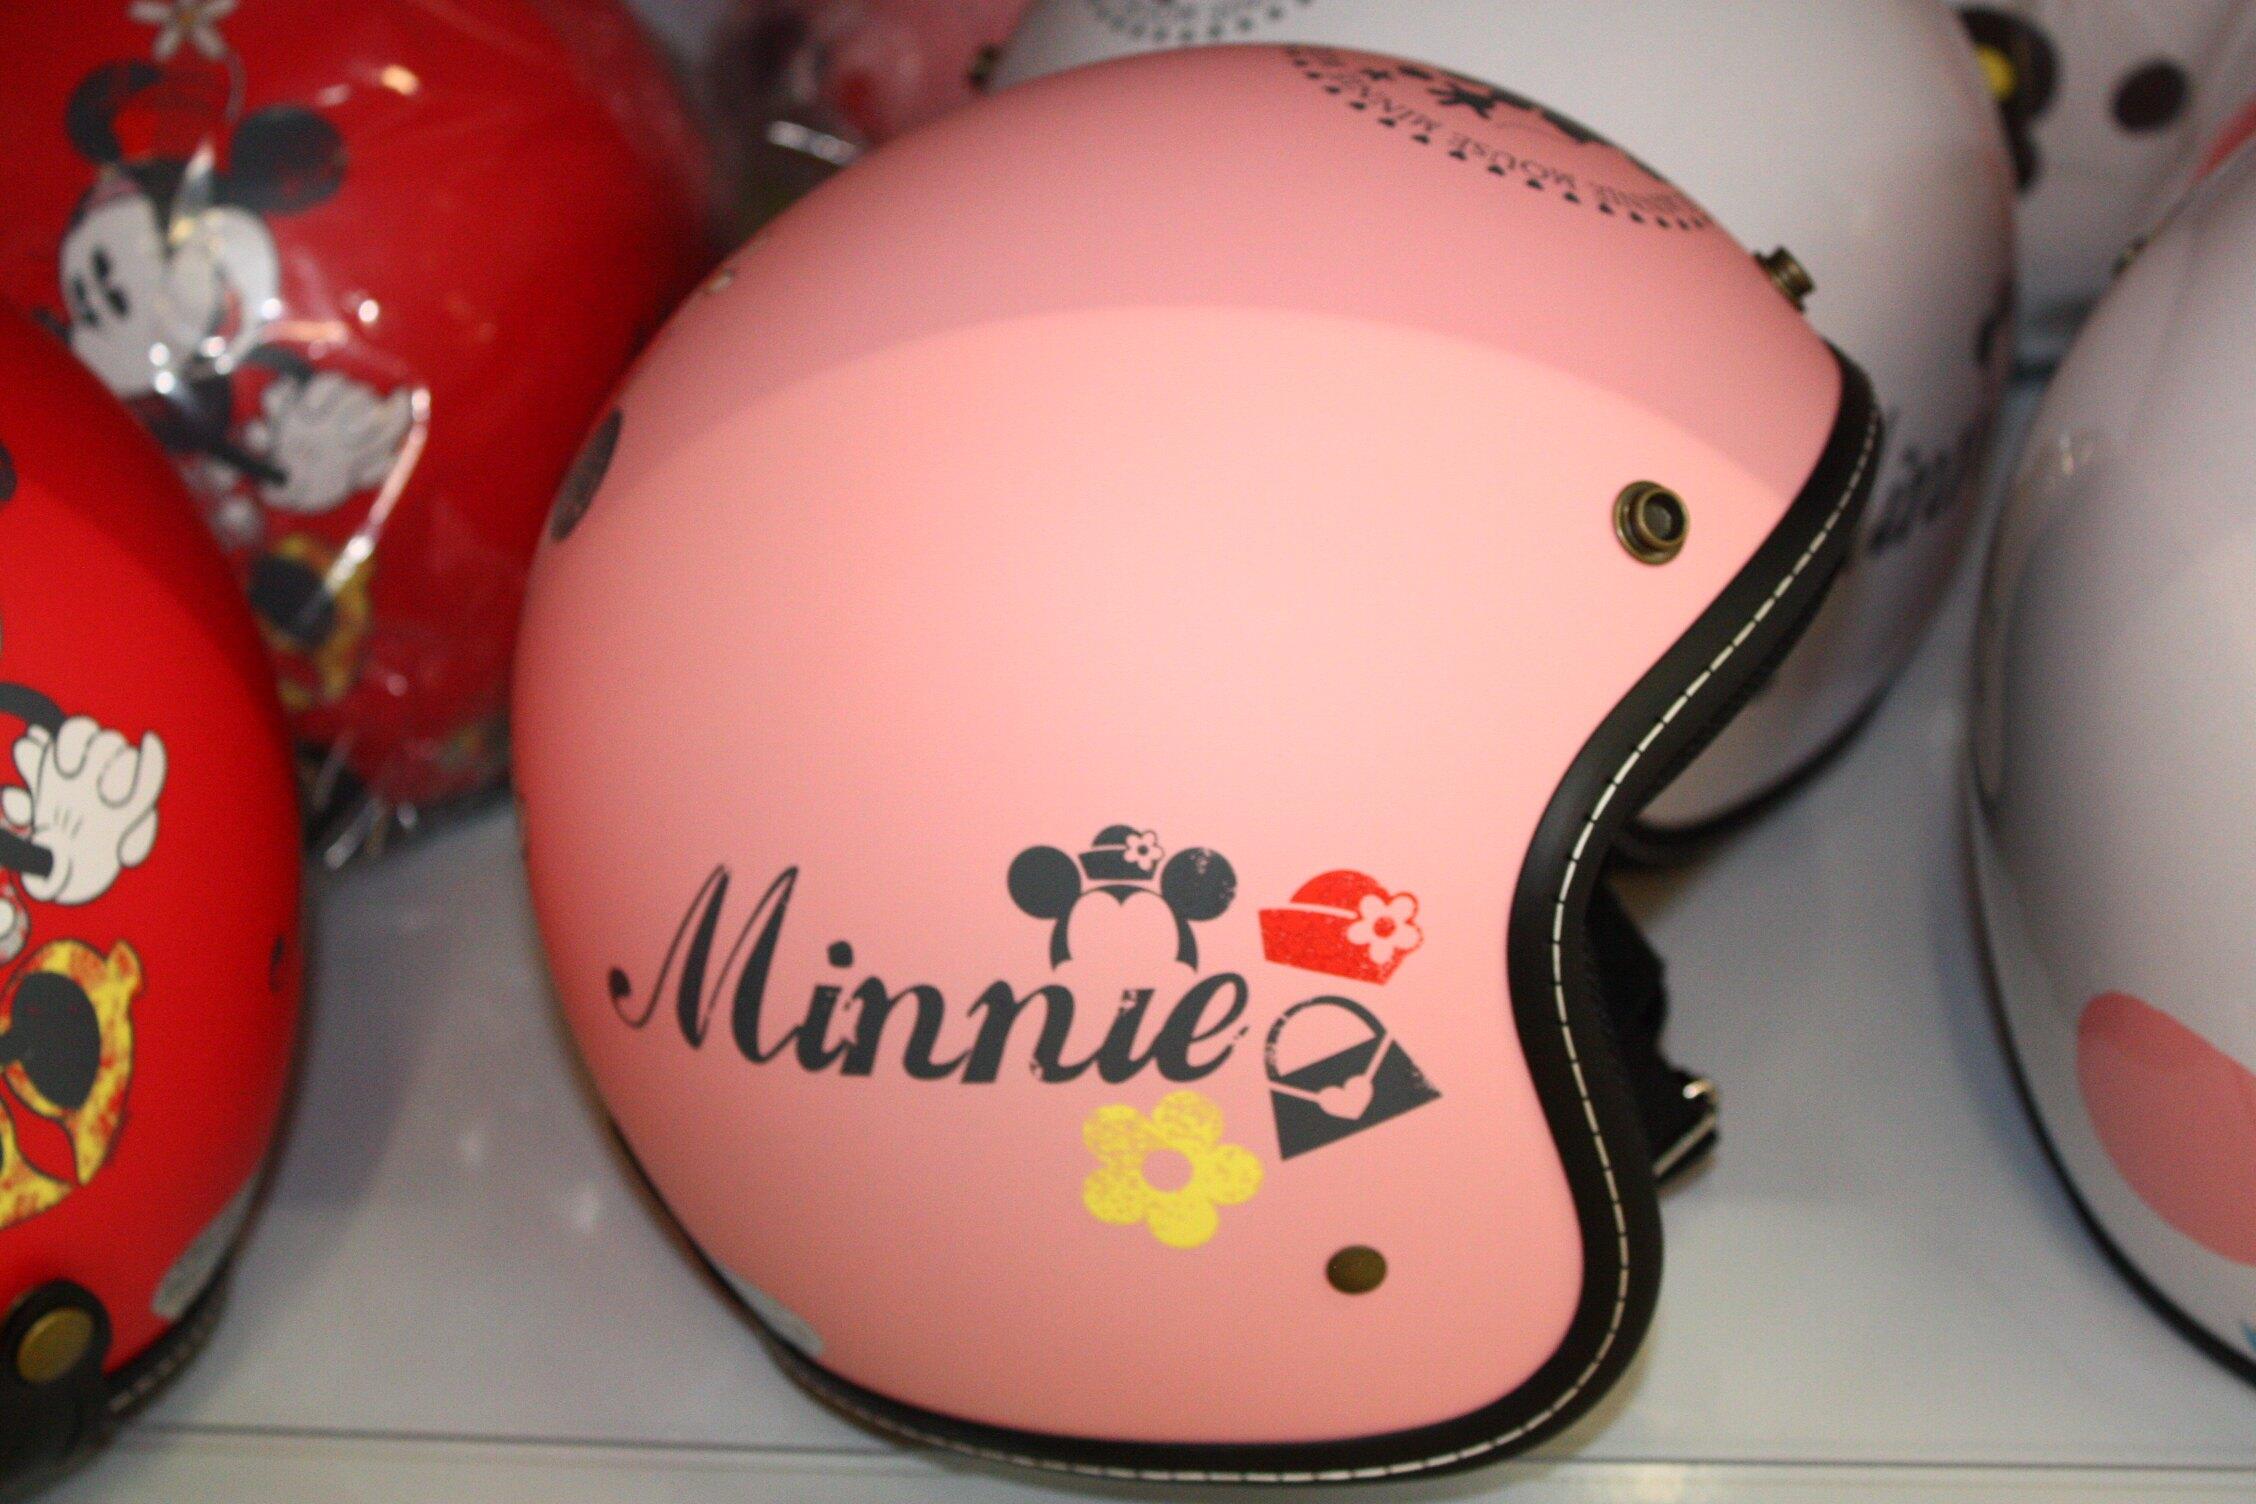 大賀屋 全罩式 安全帽 米妮 三色 抗UV 鏡片 全罩安全帽 機車安全帽 機車 迪士尼 disney T0001 564